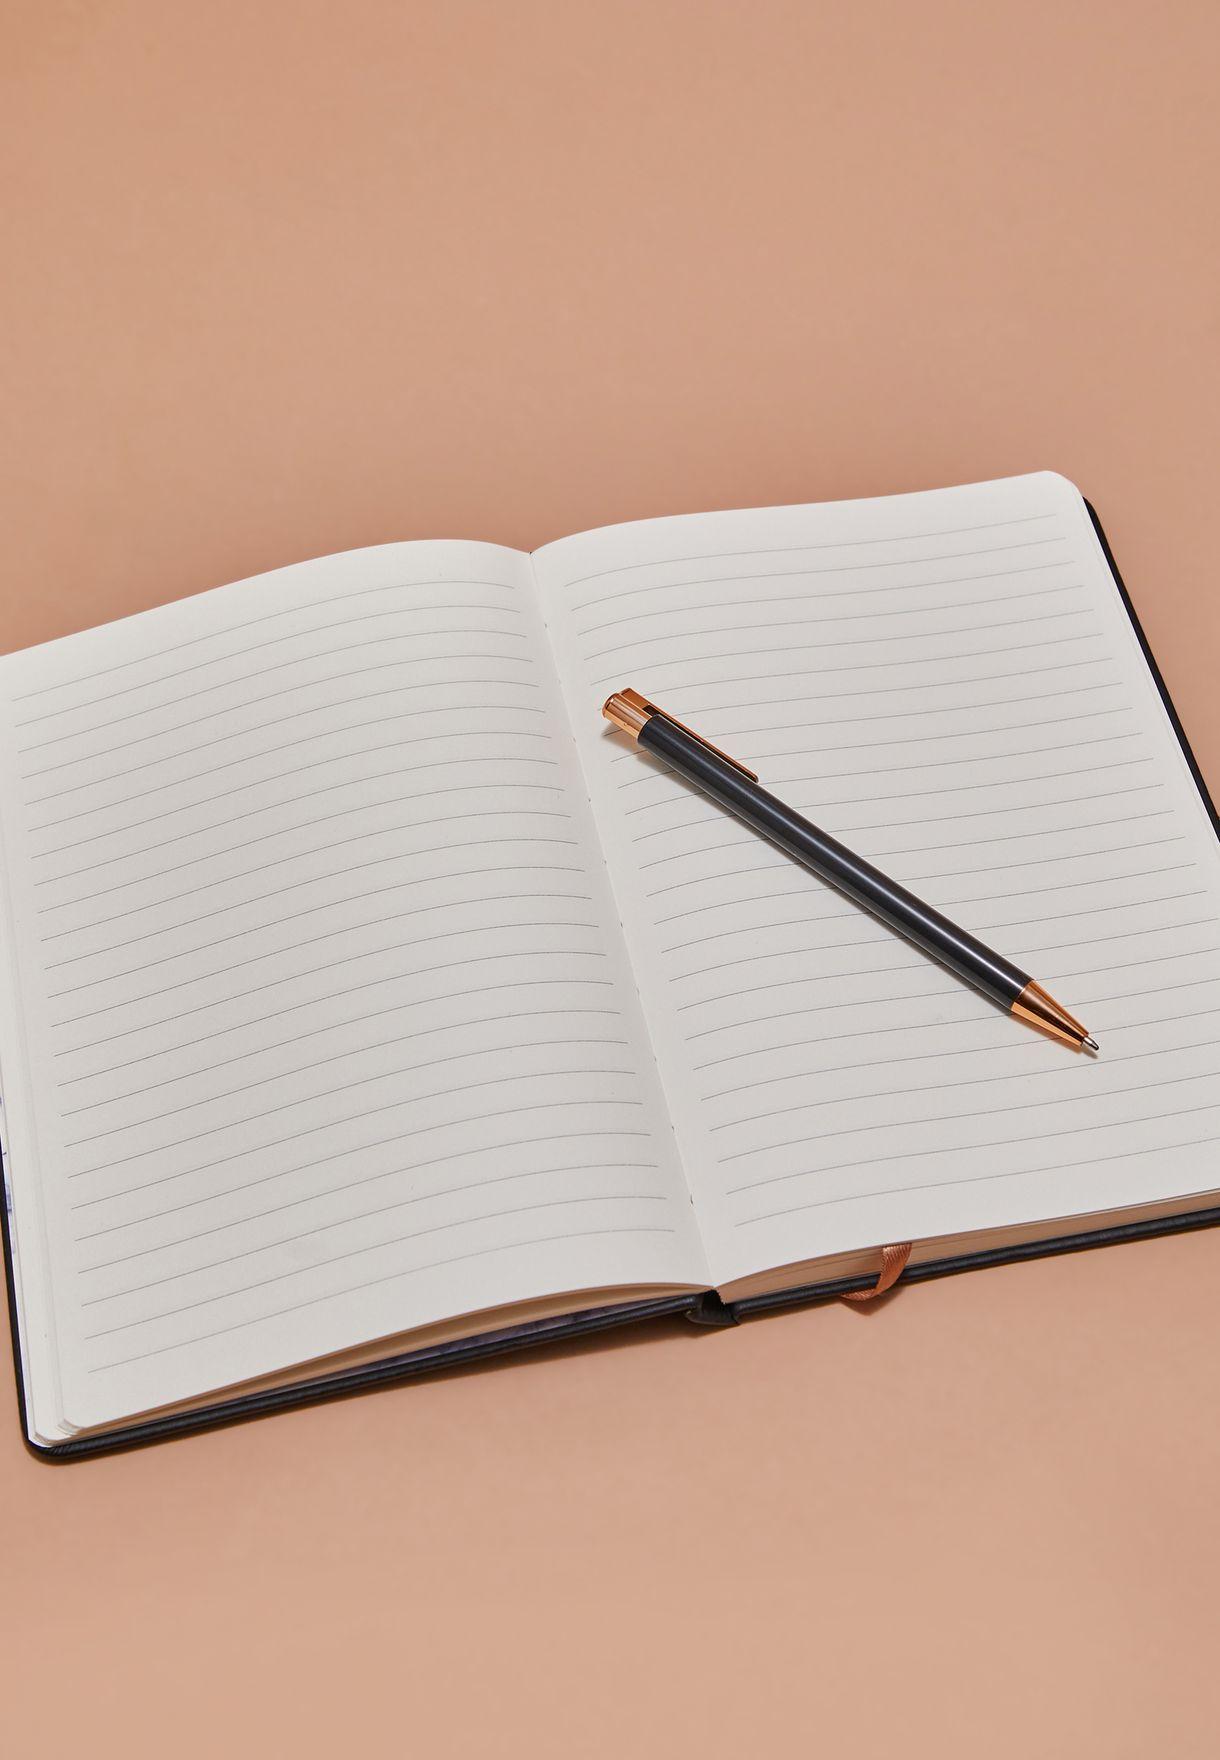 مجموعة دفتر ملاحظات برج الجدي مع قلم